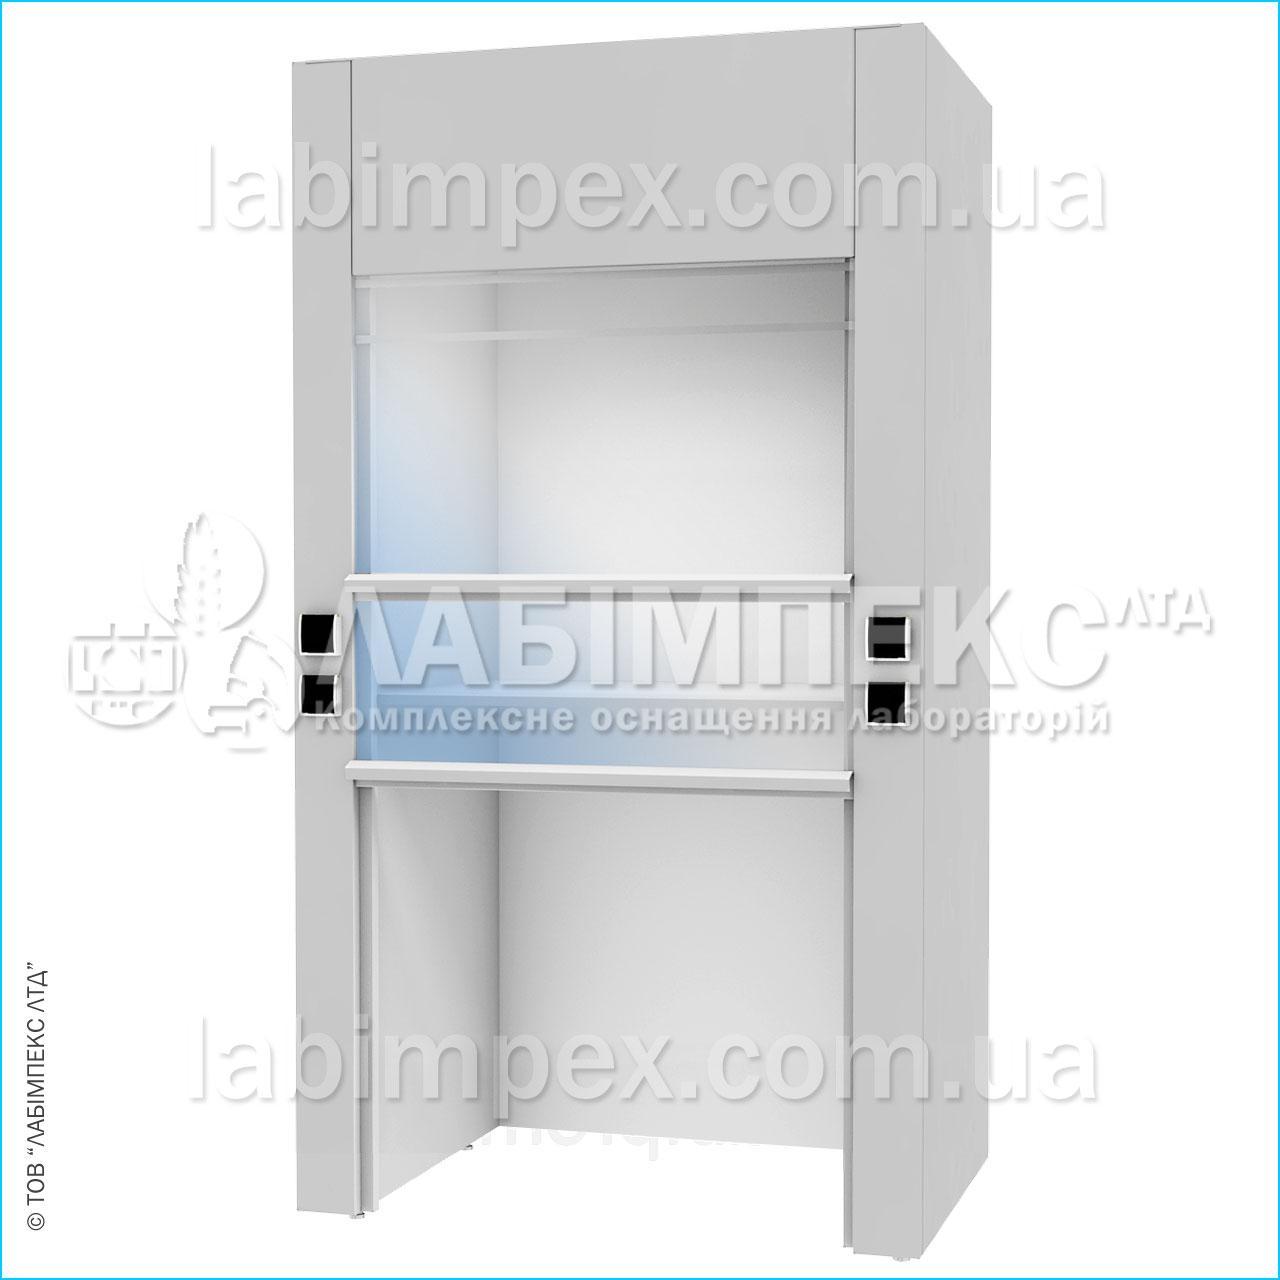 Шкаф вытяжной лабораторный для оборудования ШВЛ-03